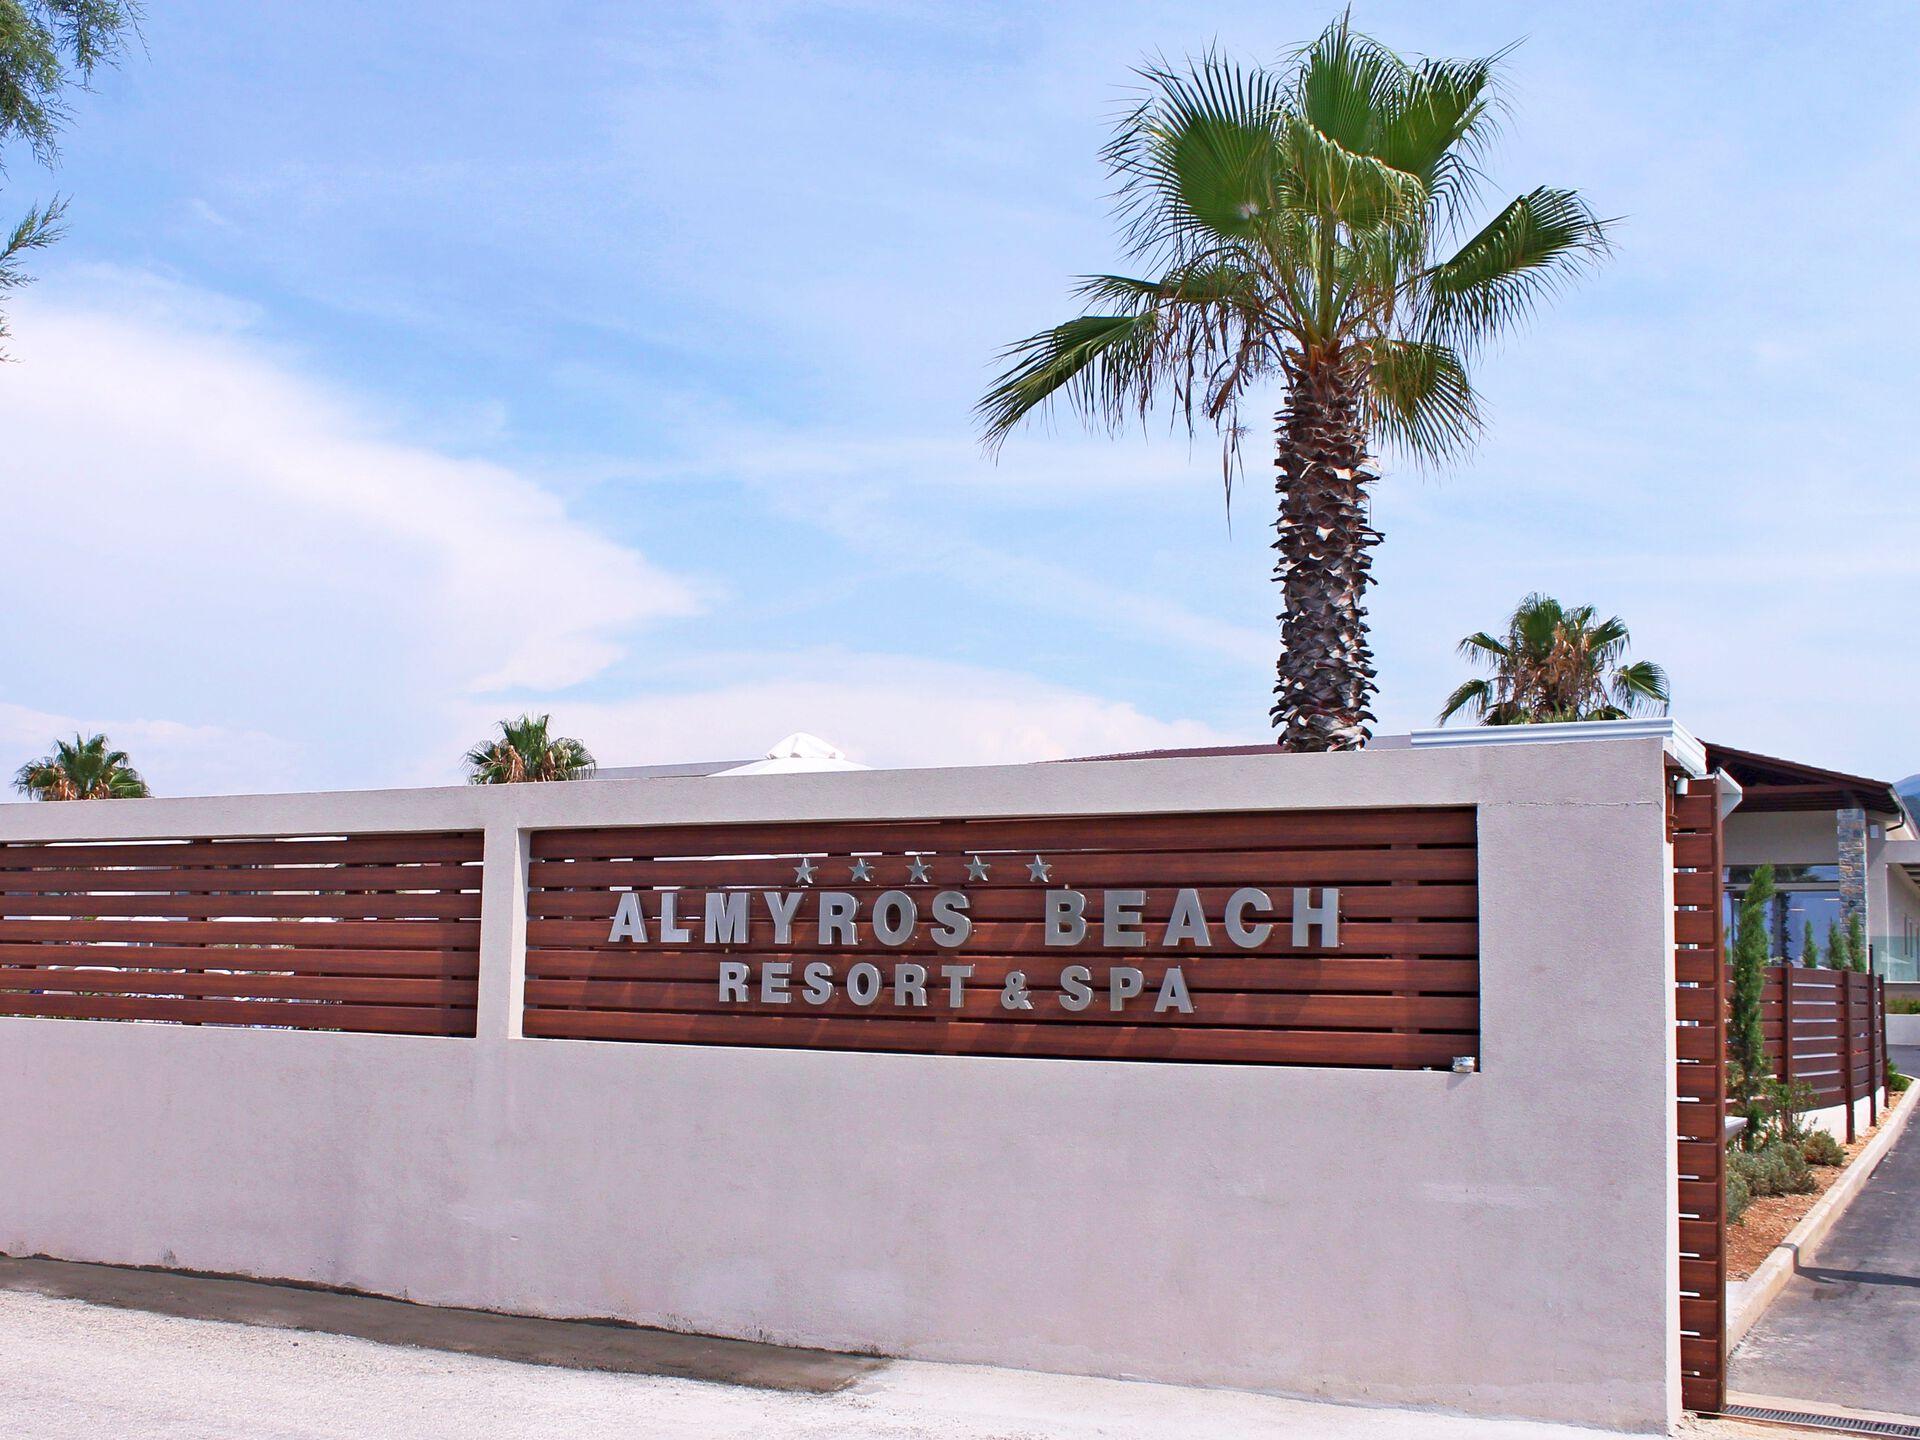 Grèce - Iles grecques - Corfou - Almyros Beach Hôtel 4*